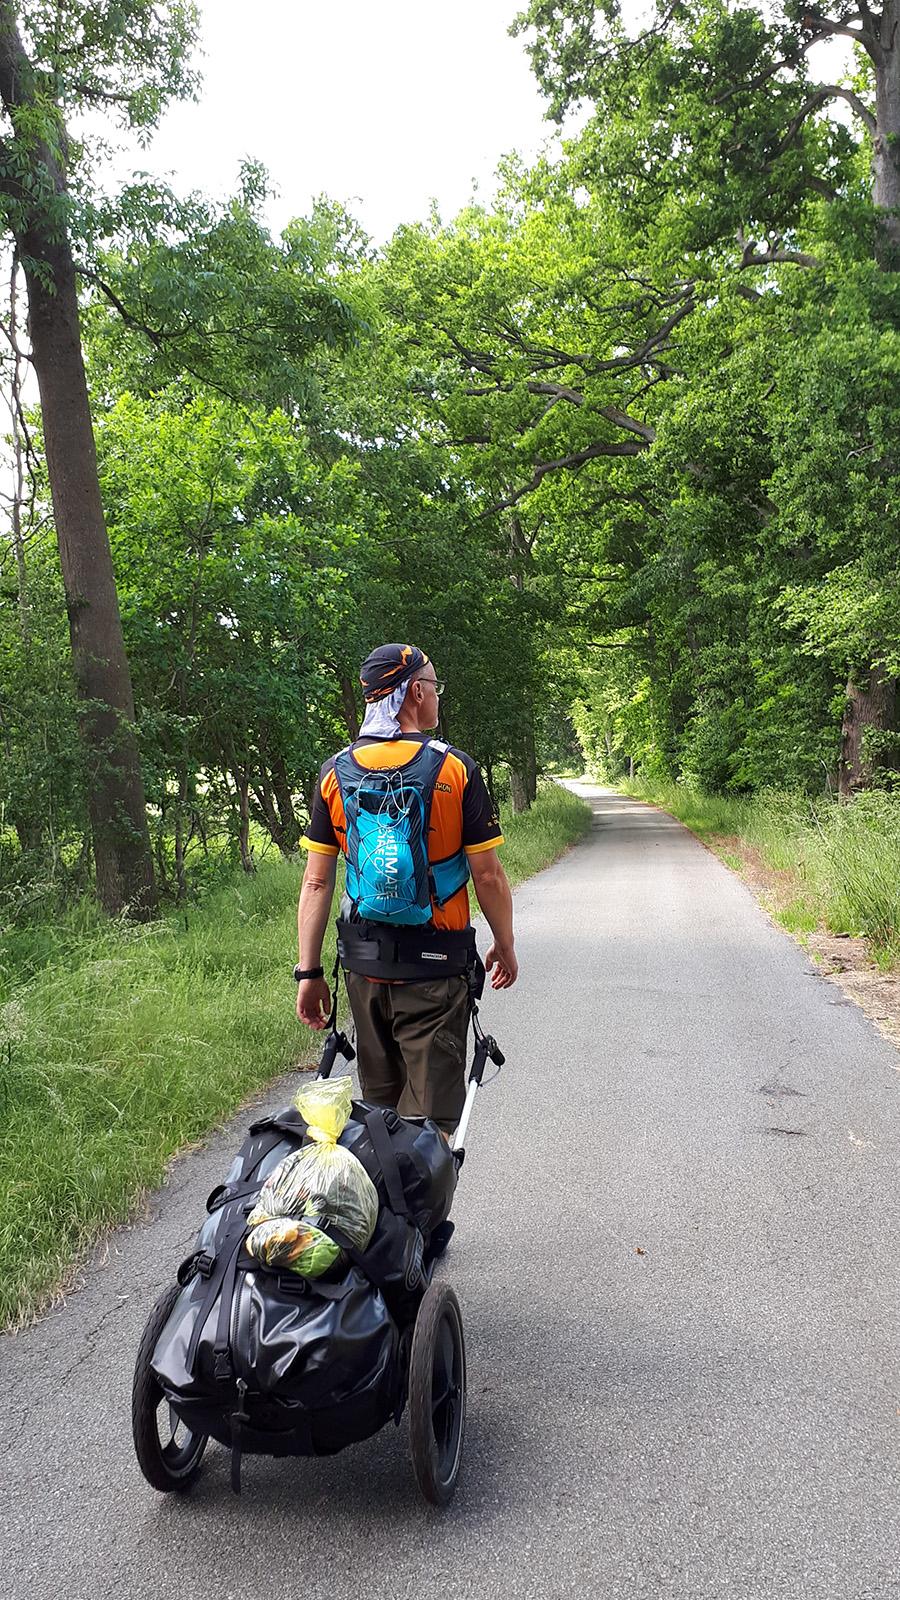 Mit Pilgerwagen auf einem asphaltierten Waldweg unterwegs